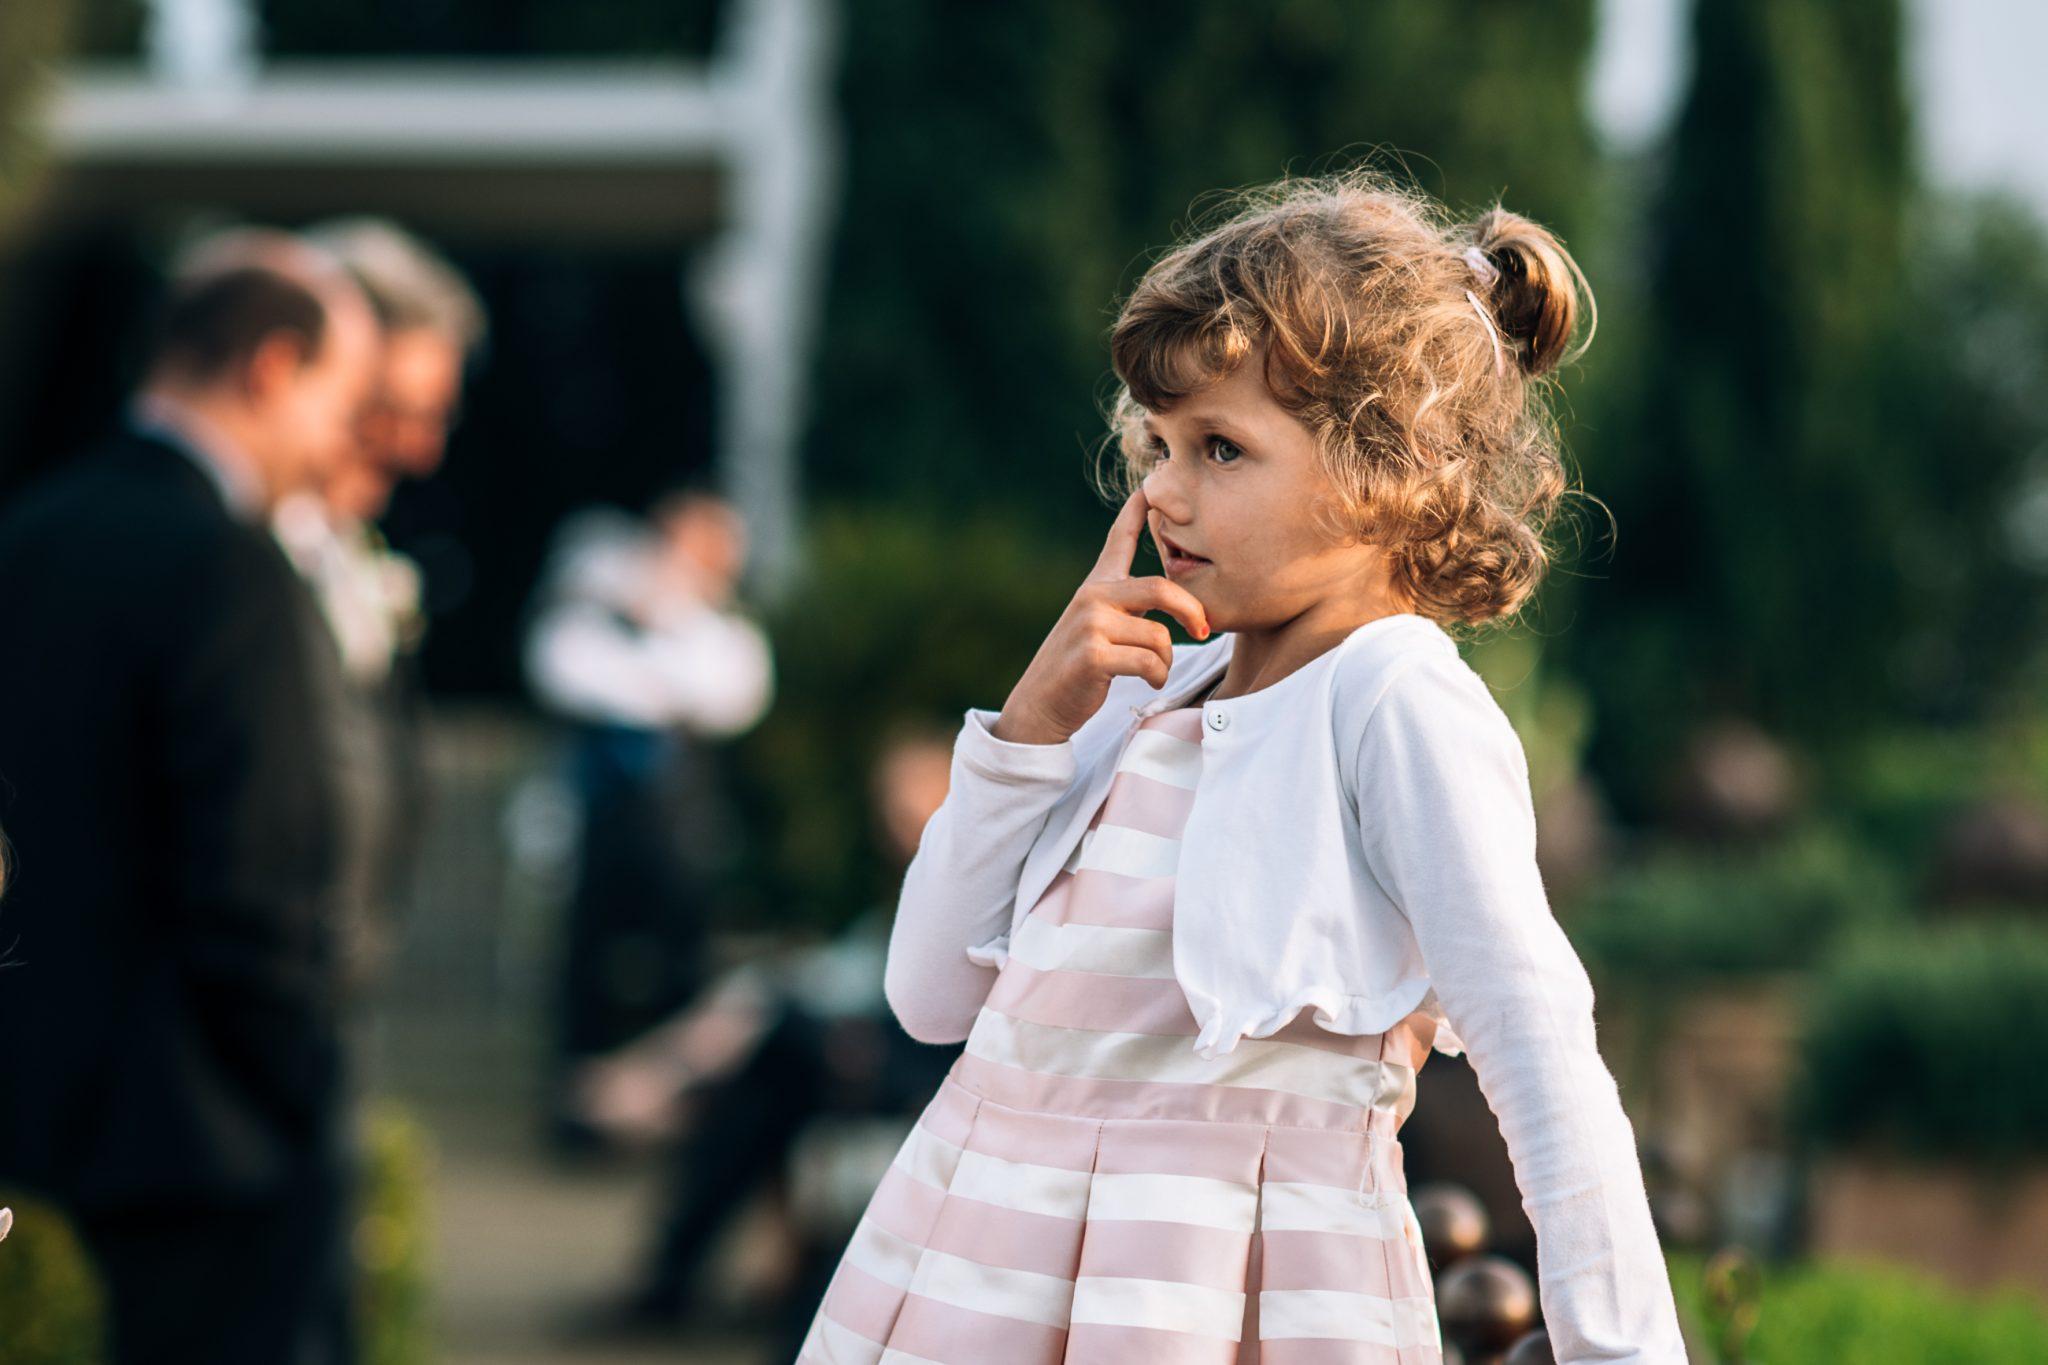 bambina invitata al matrimonio mentre si mette le mani nel naso